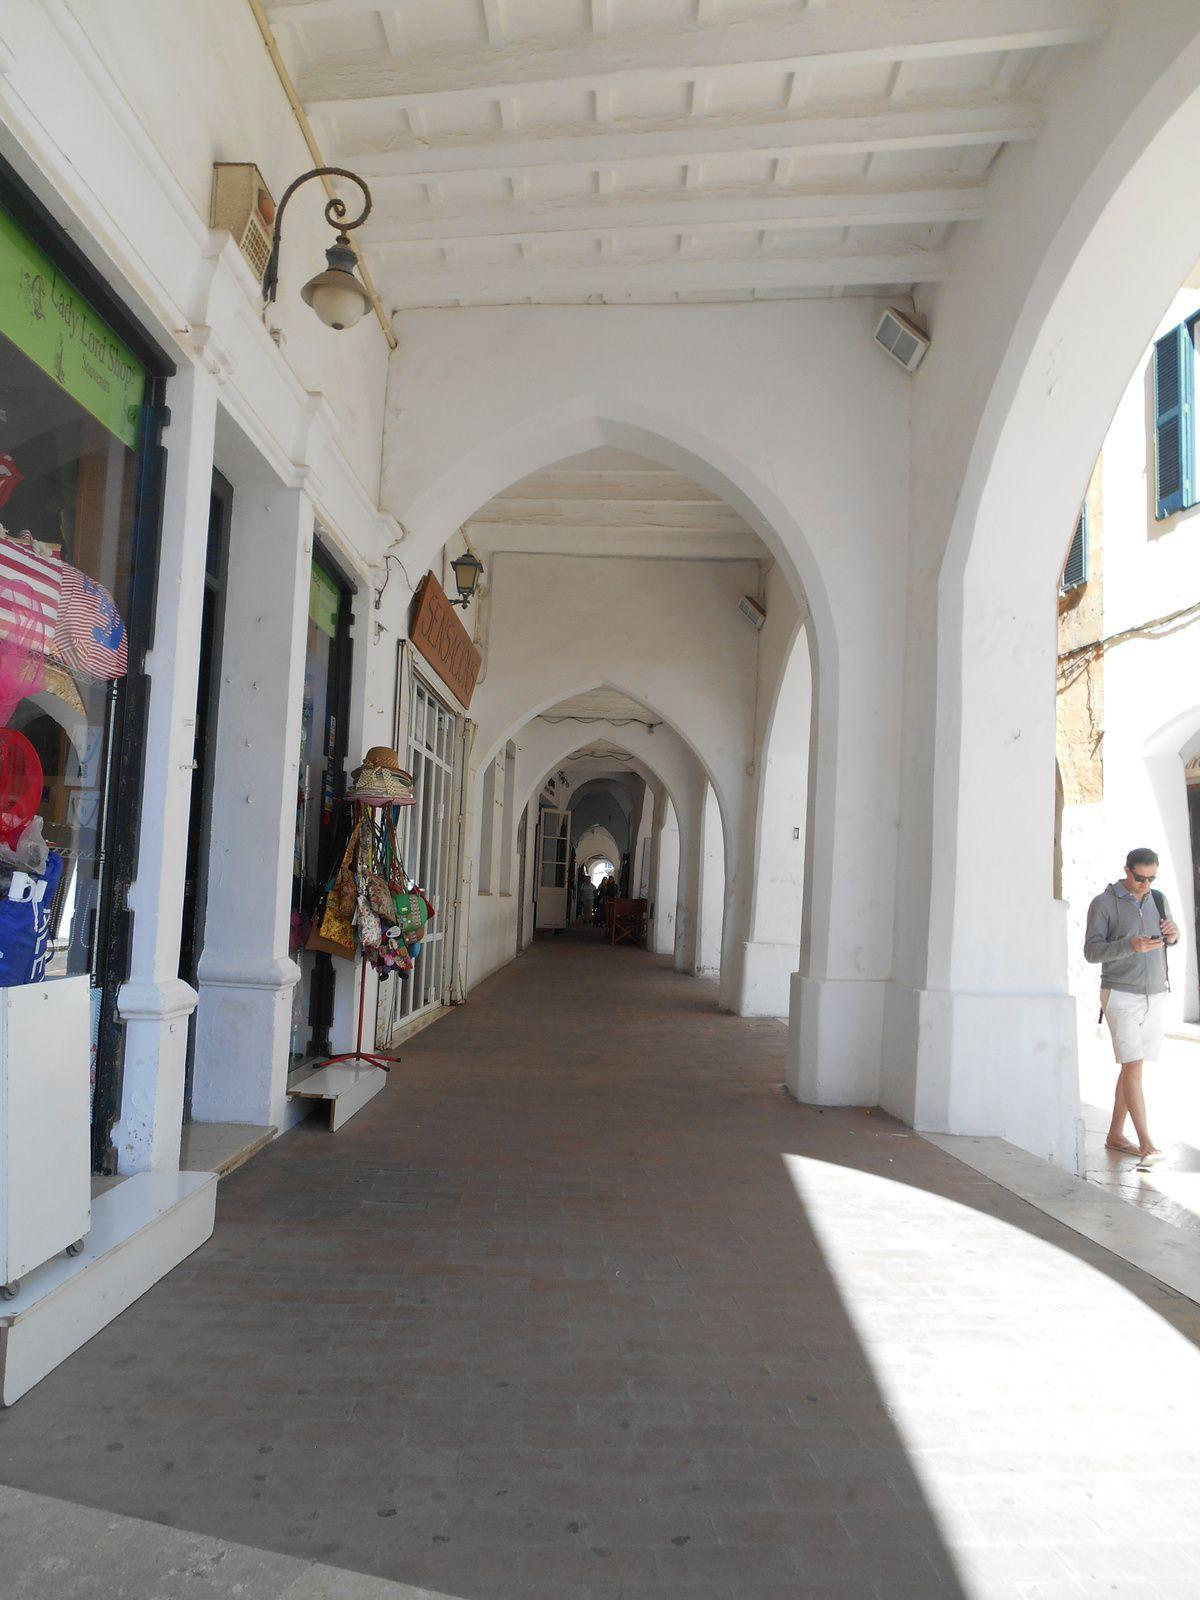 Arcades nous menant vers la Cathédrale Santa Maria...